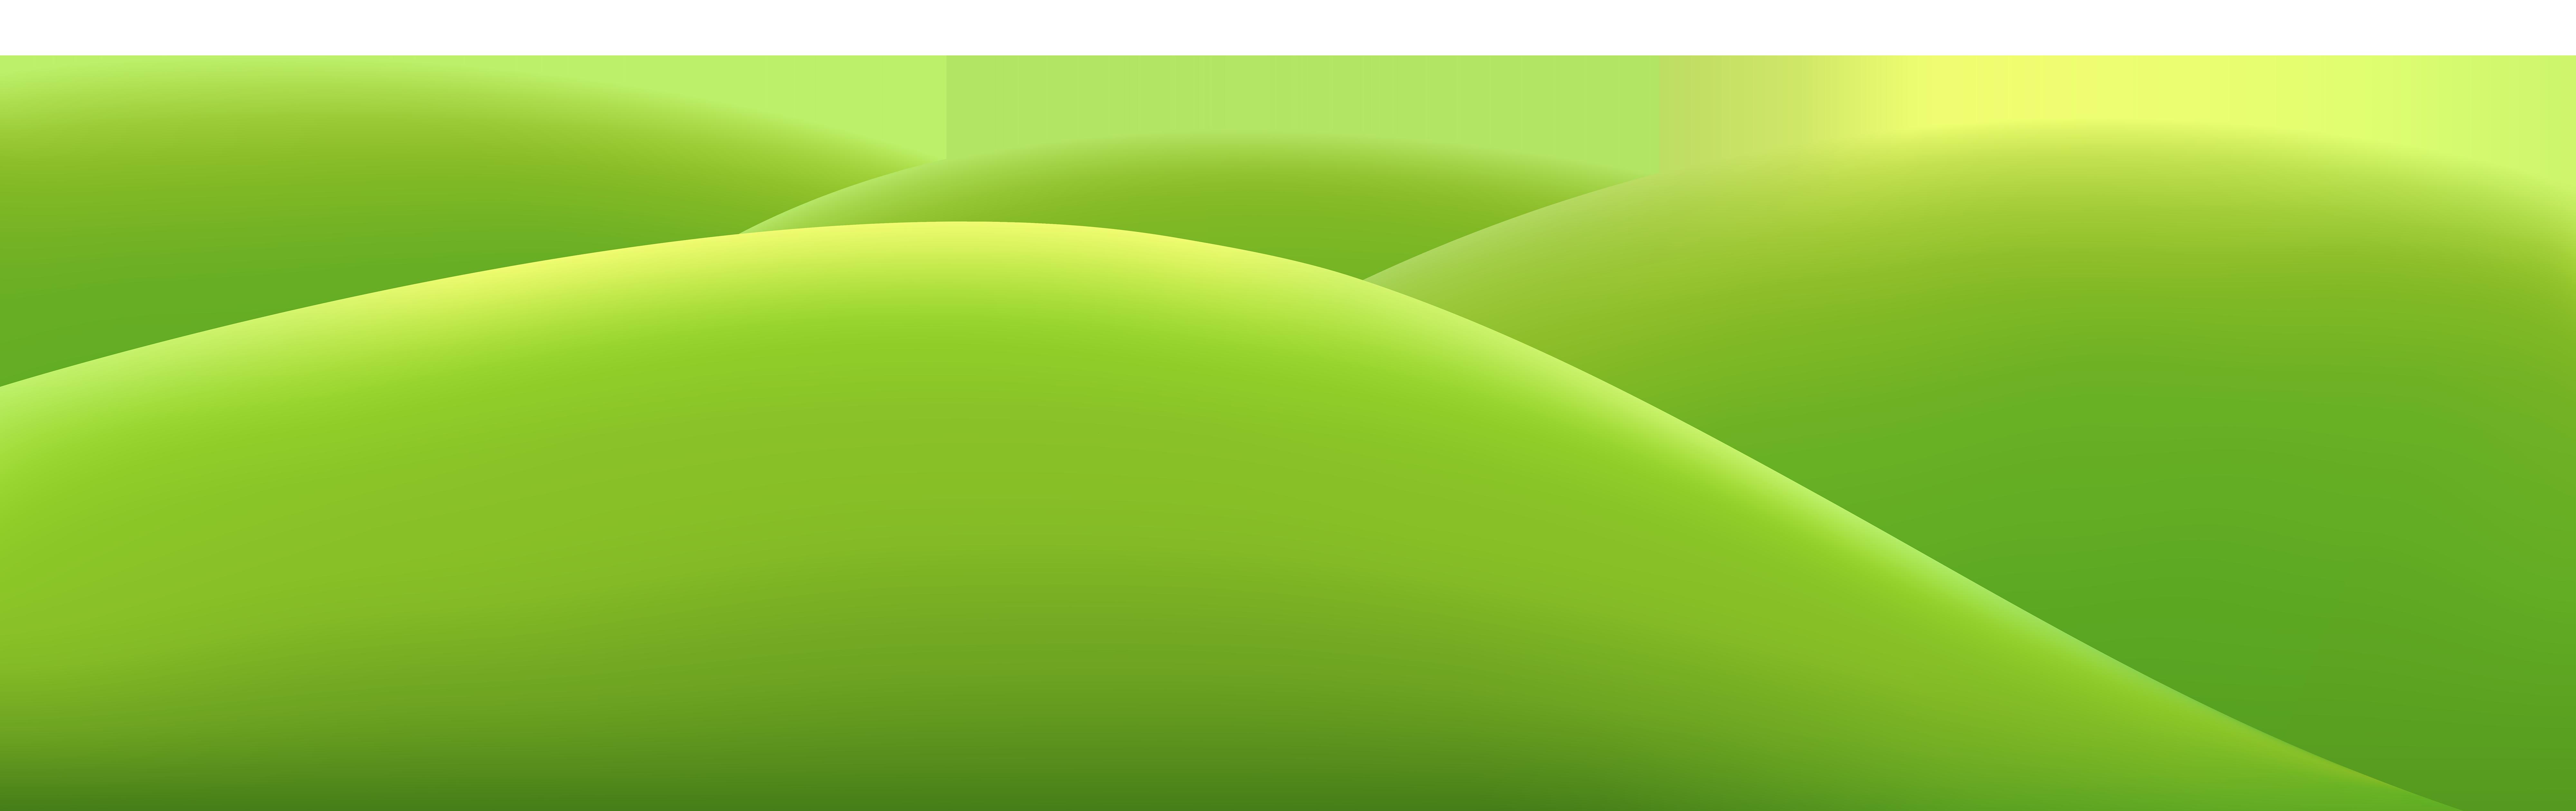 Lawn Transparent PNG Clip Art Image.